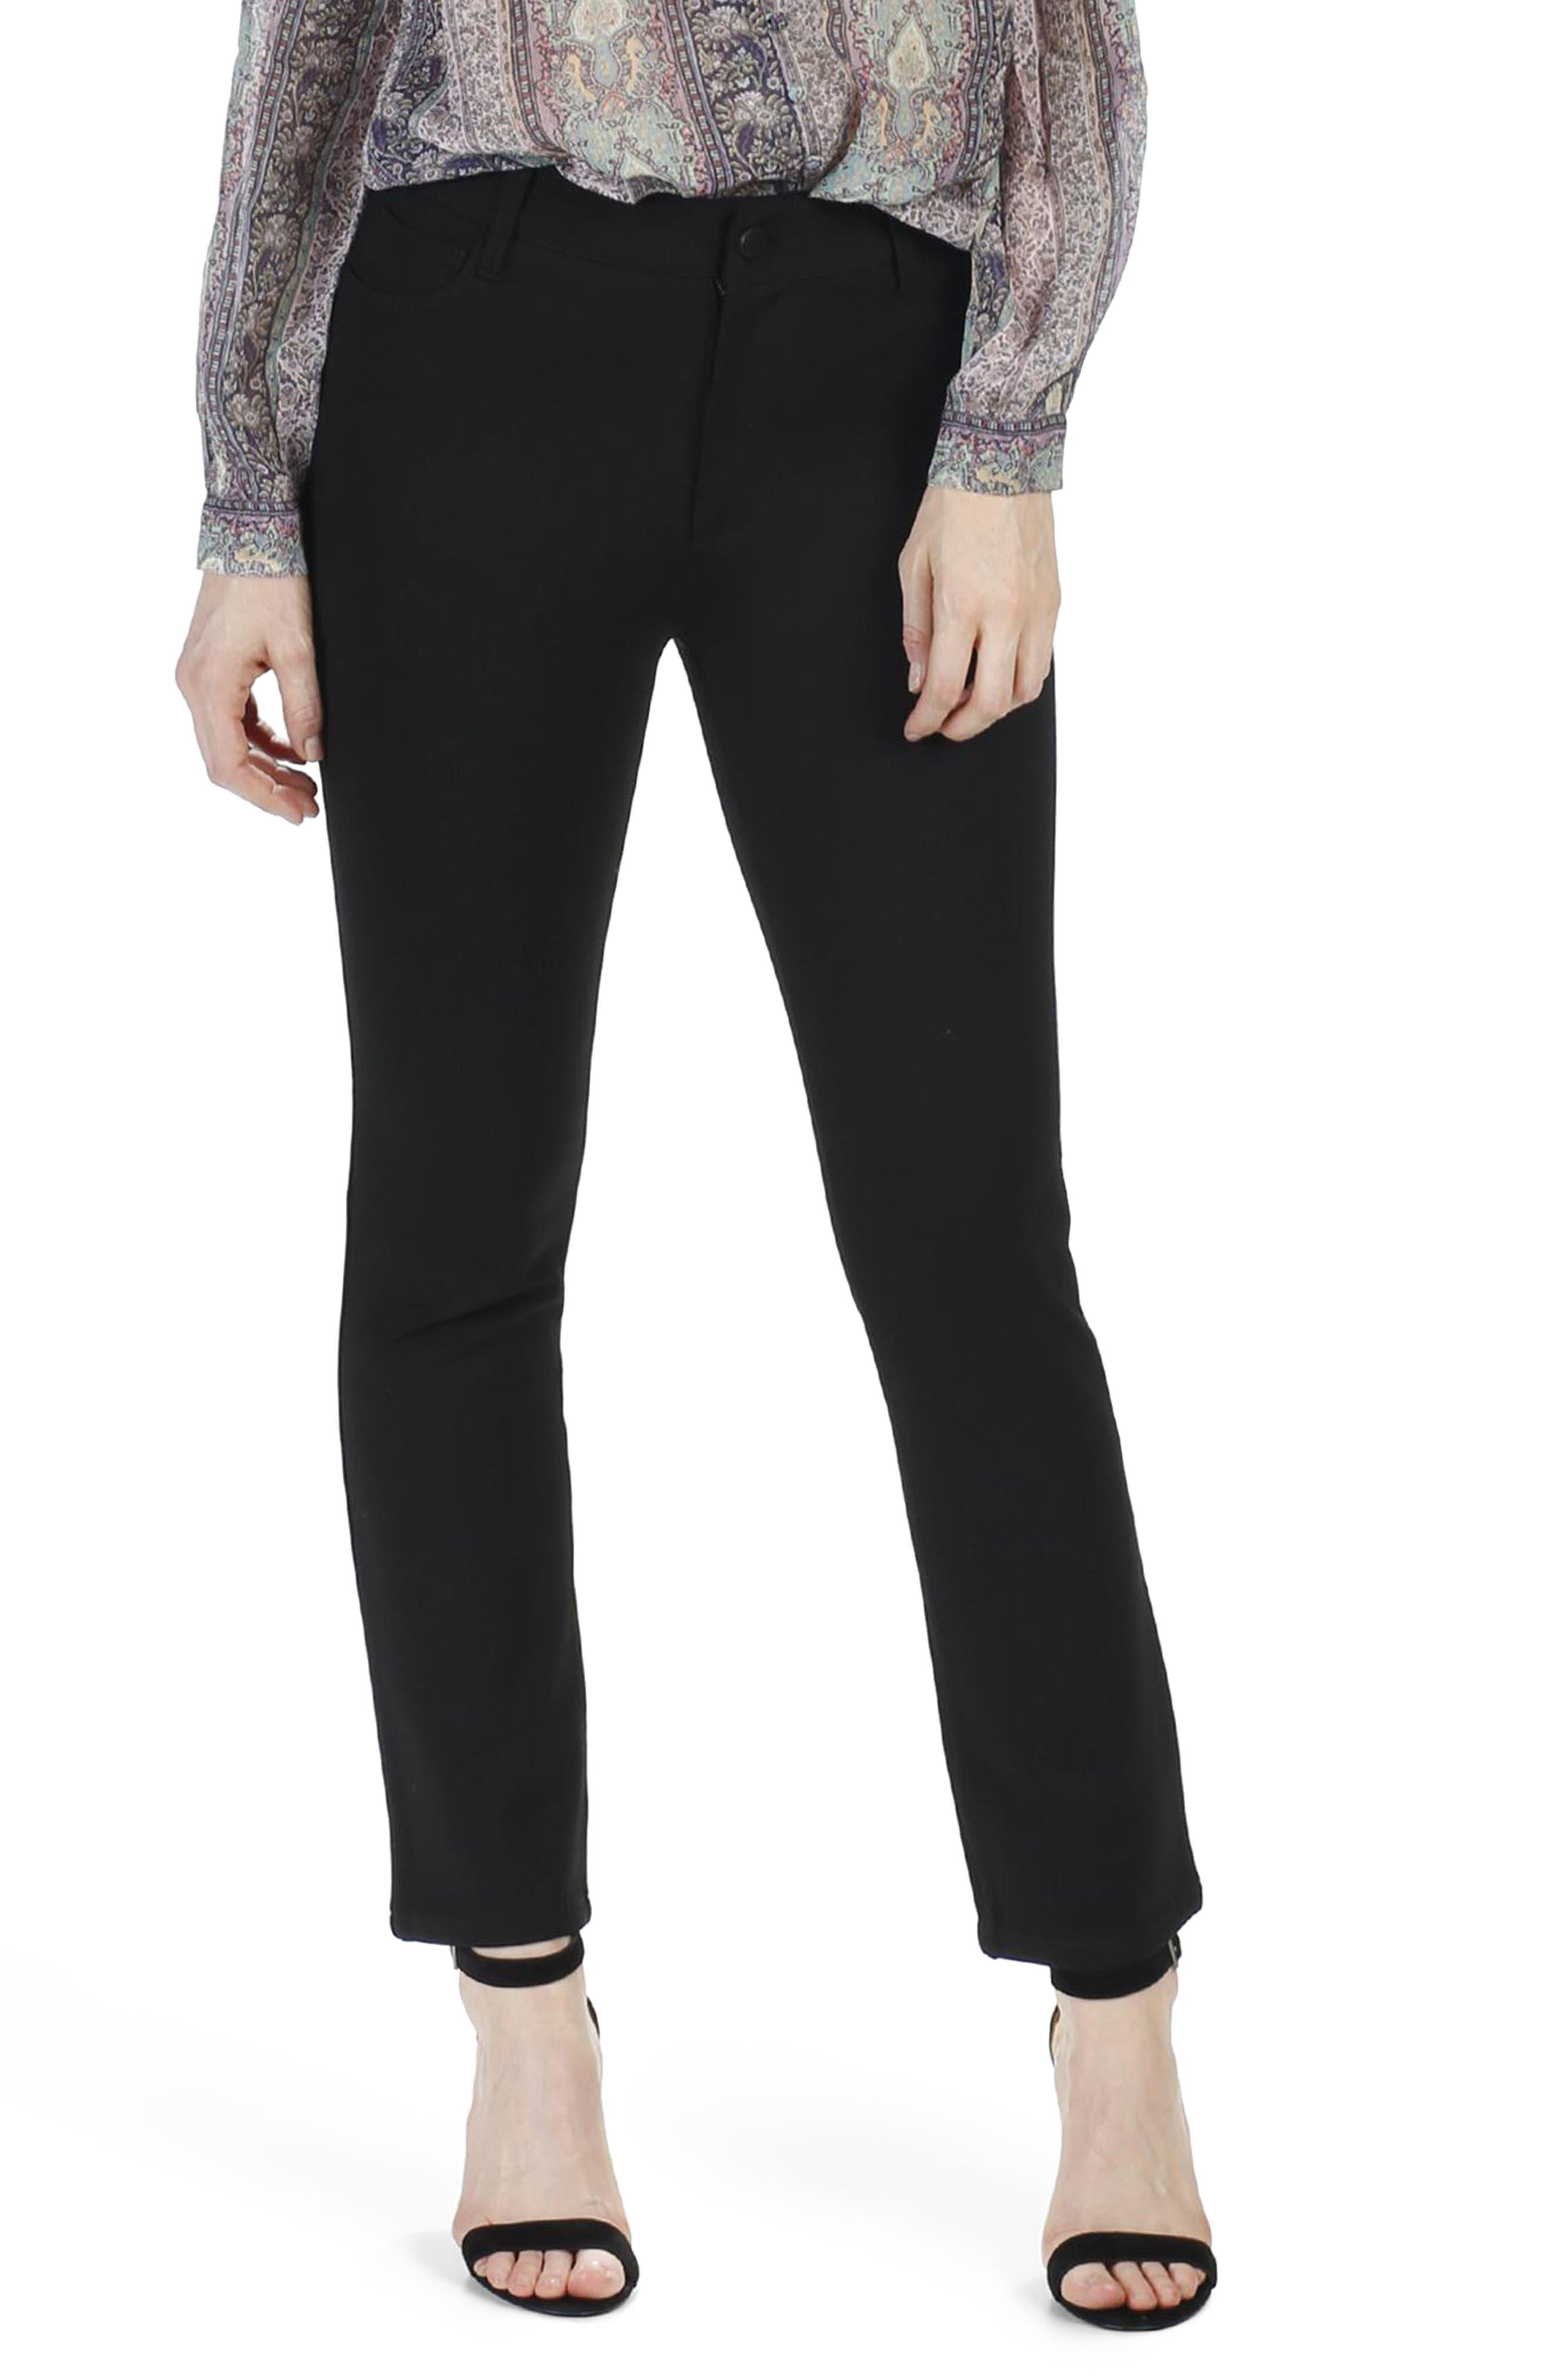 Main Image - PAIGE Jacqueline High Waist Crop Straight Leg Pants